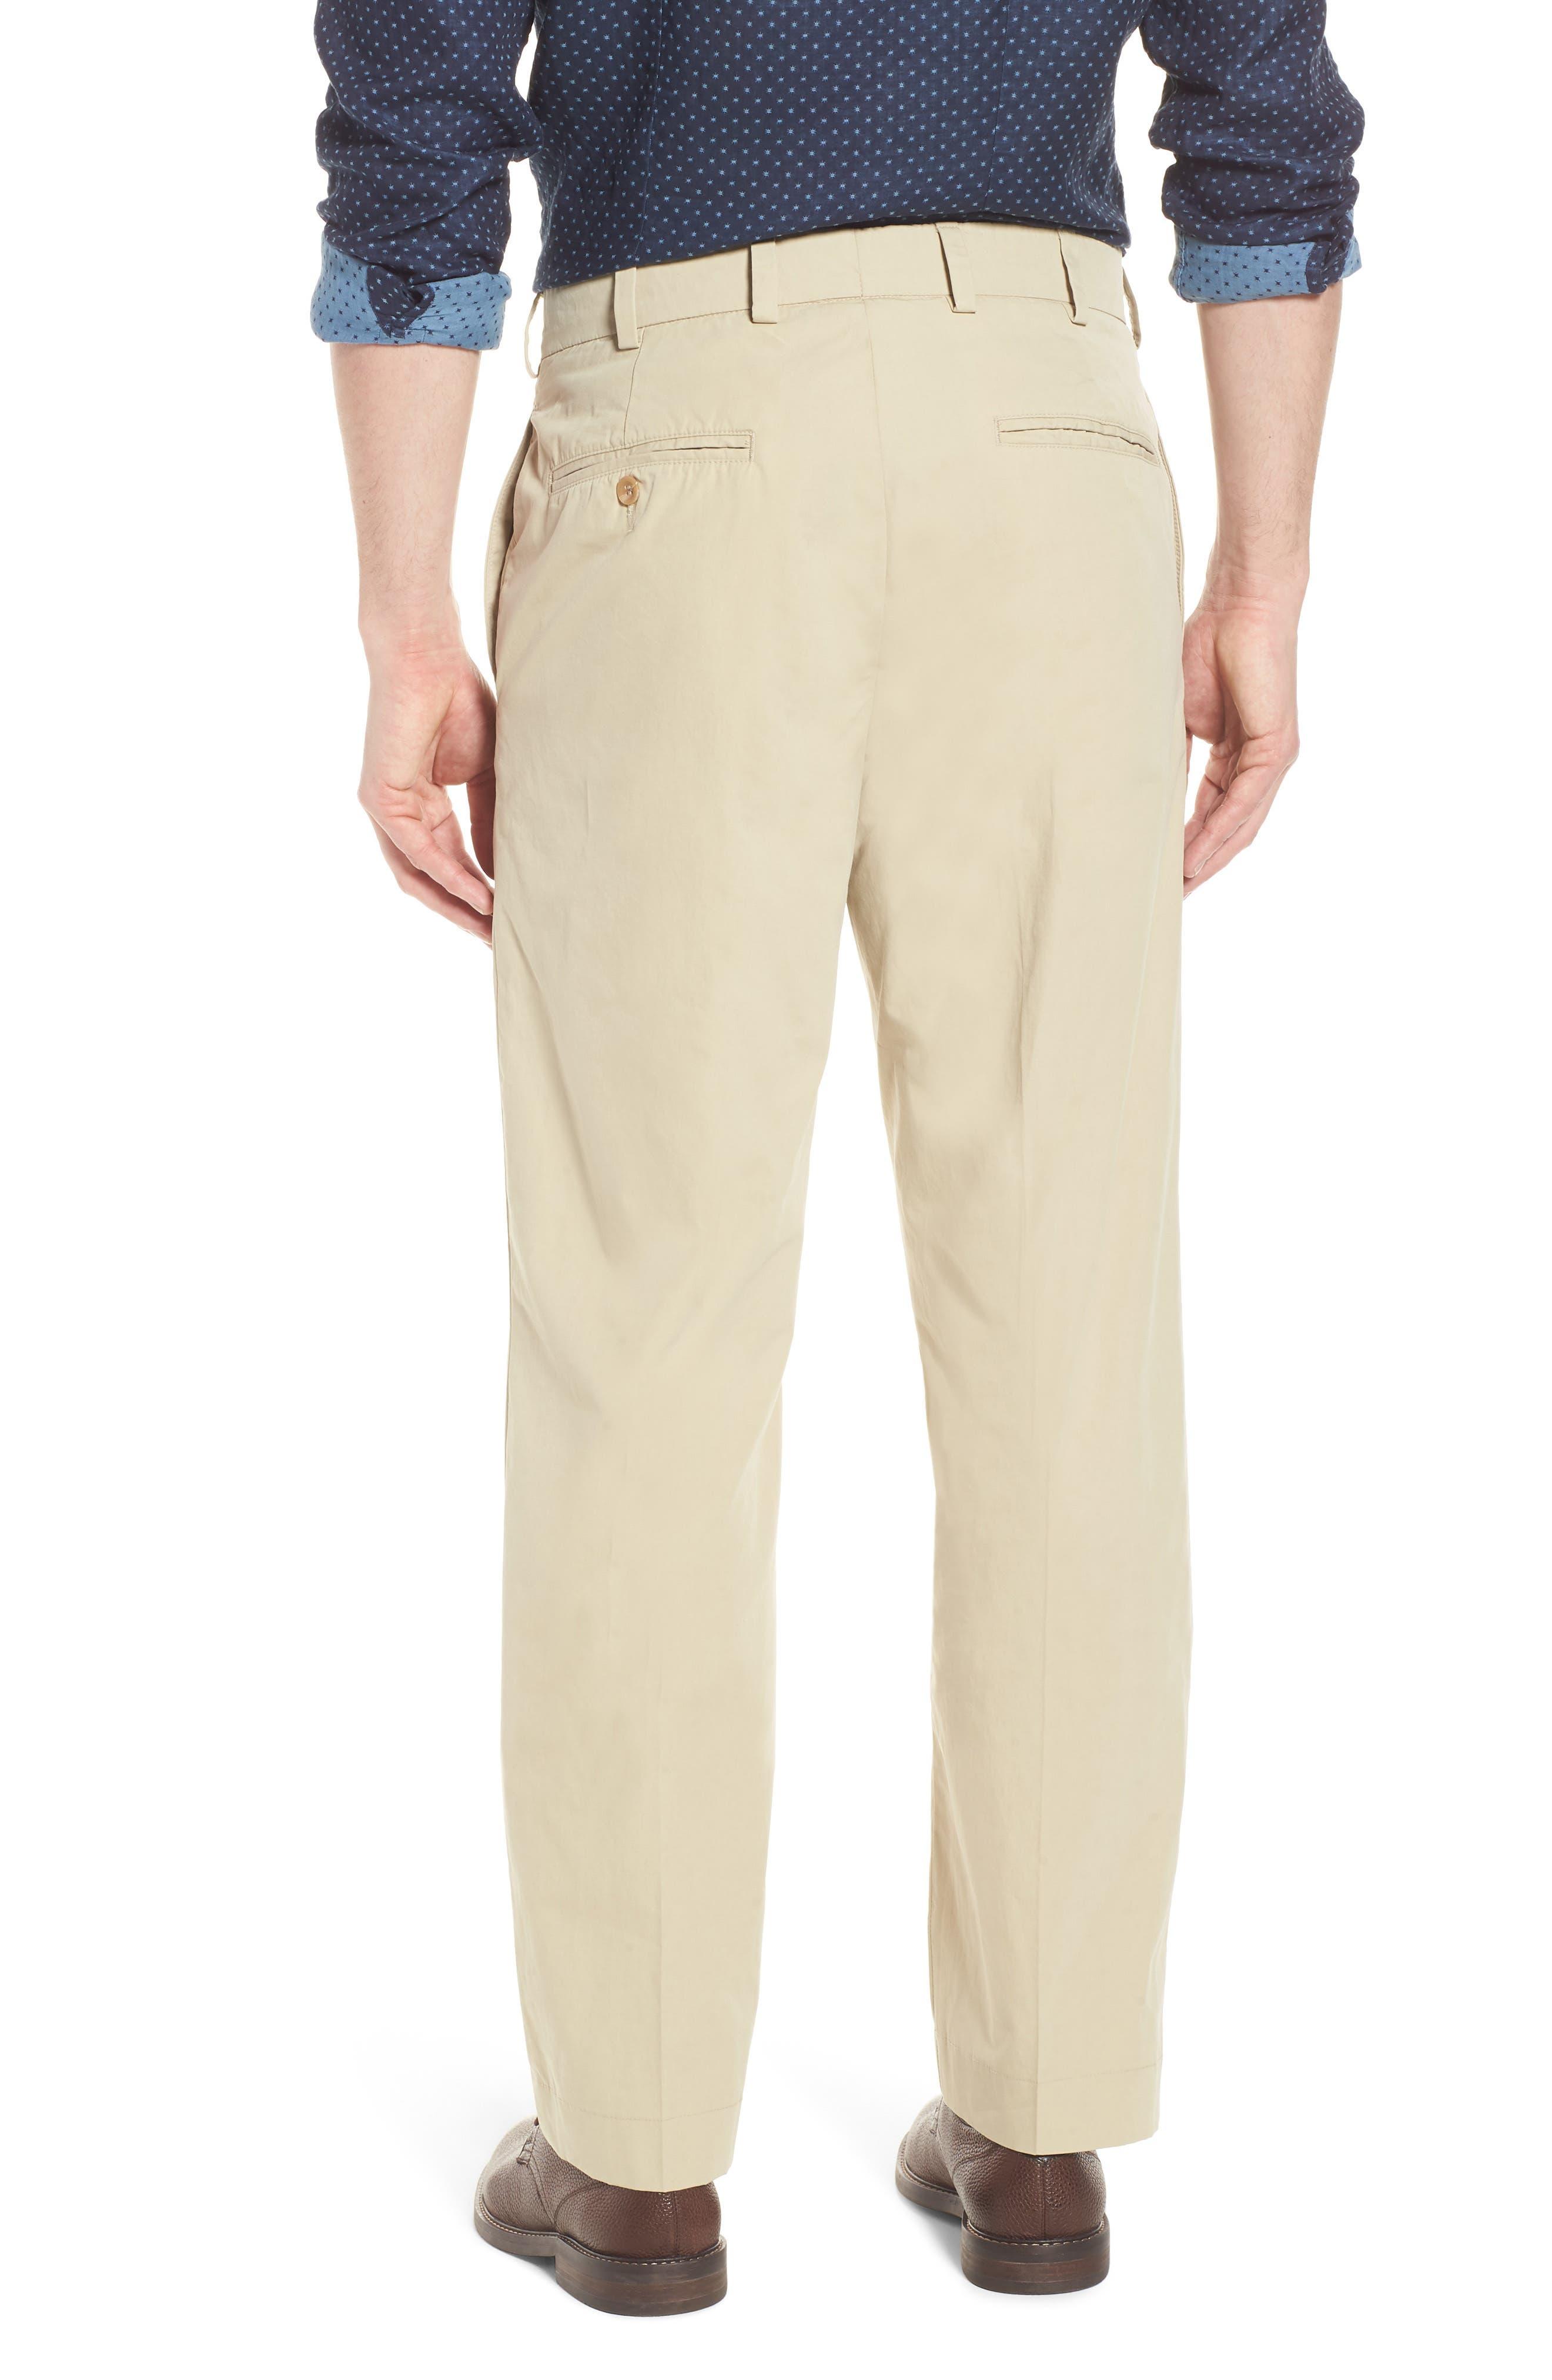 M2 Classic Fit Flat Front Tropical Cotton Poplin Pants,                             Alternate thumbnail 2, color,                             250